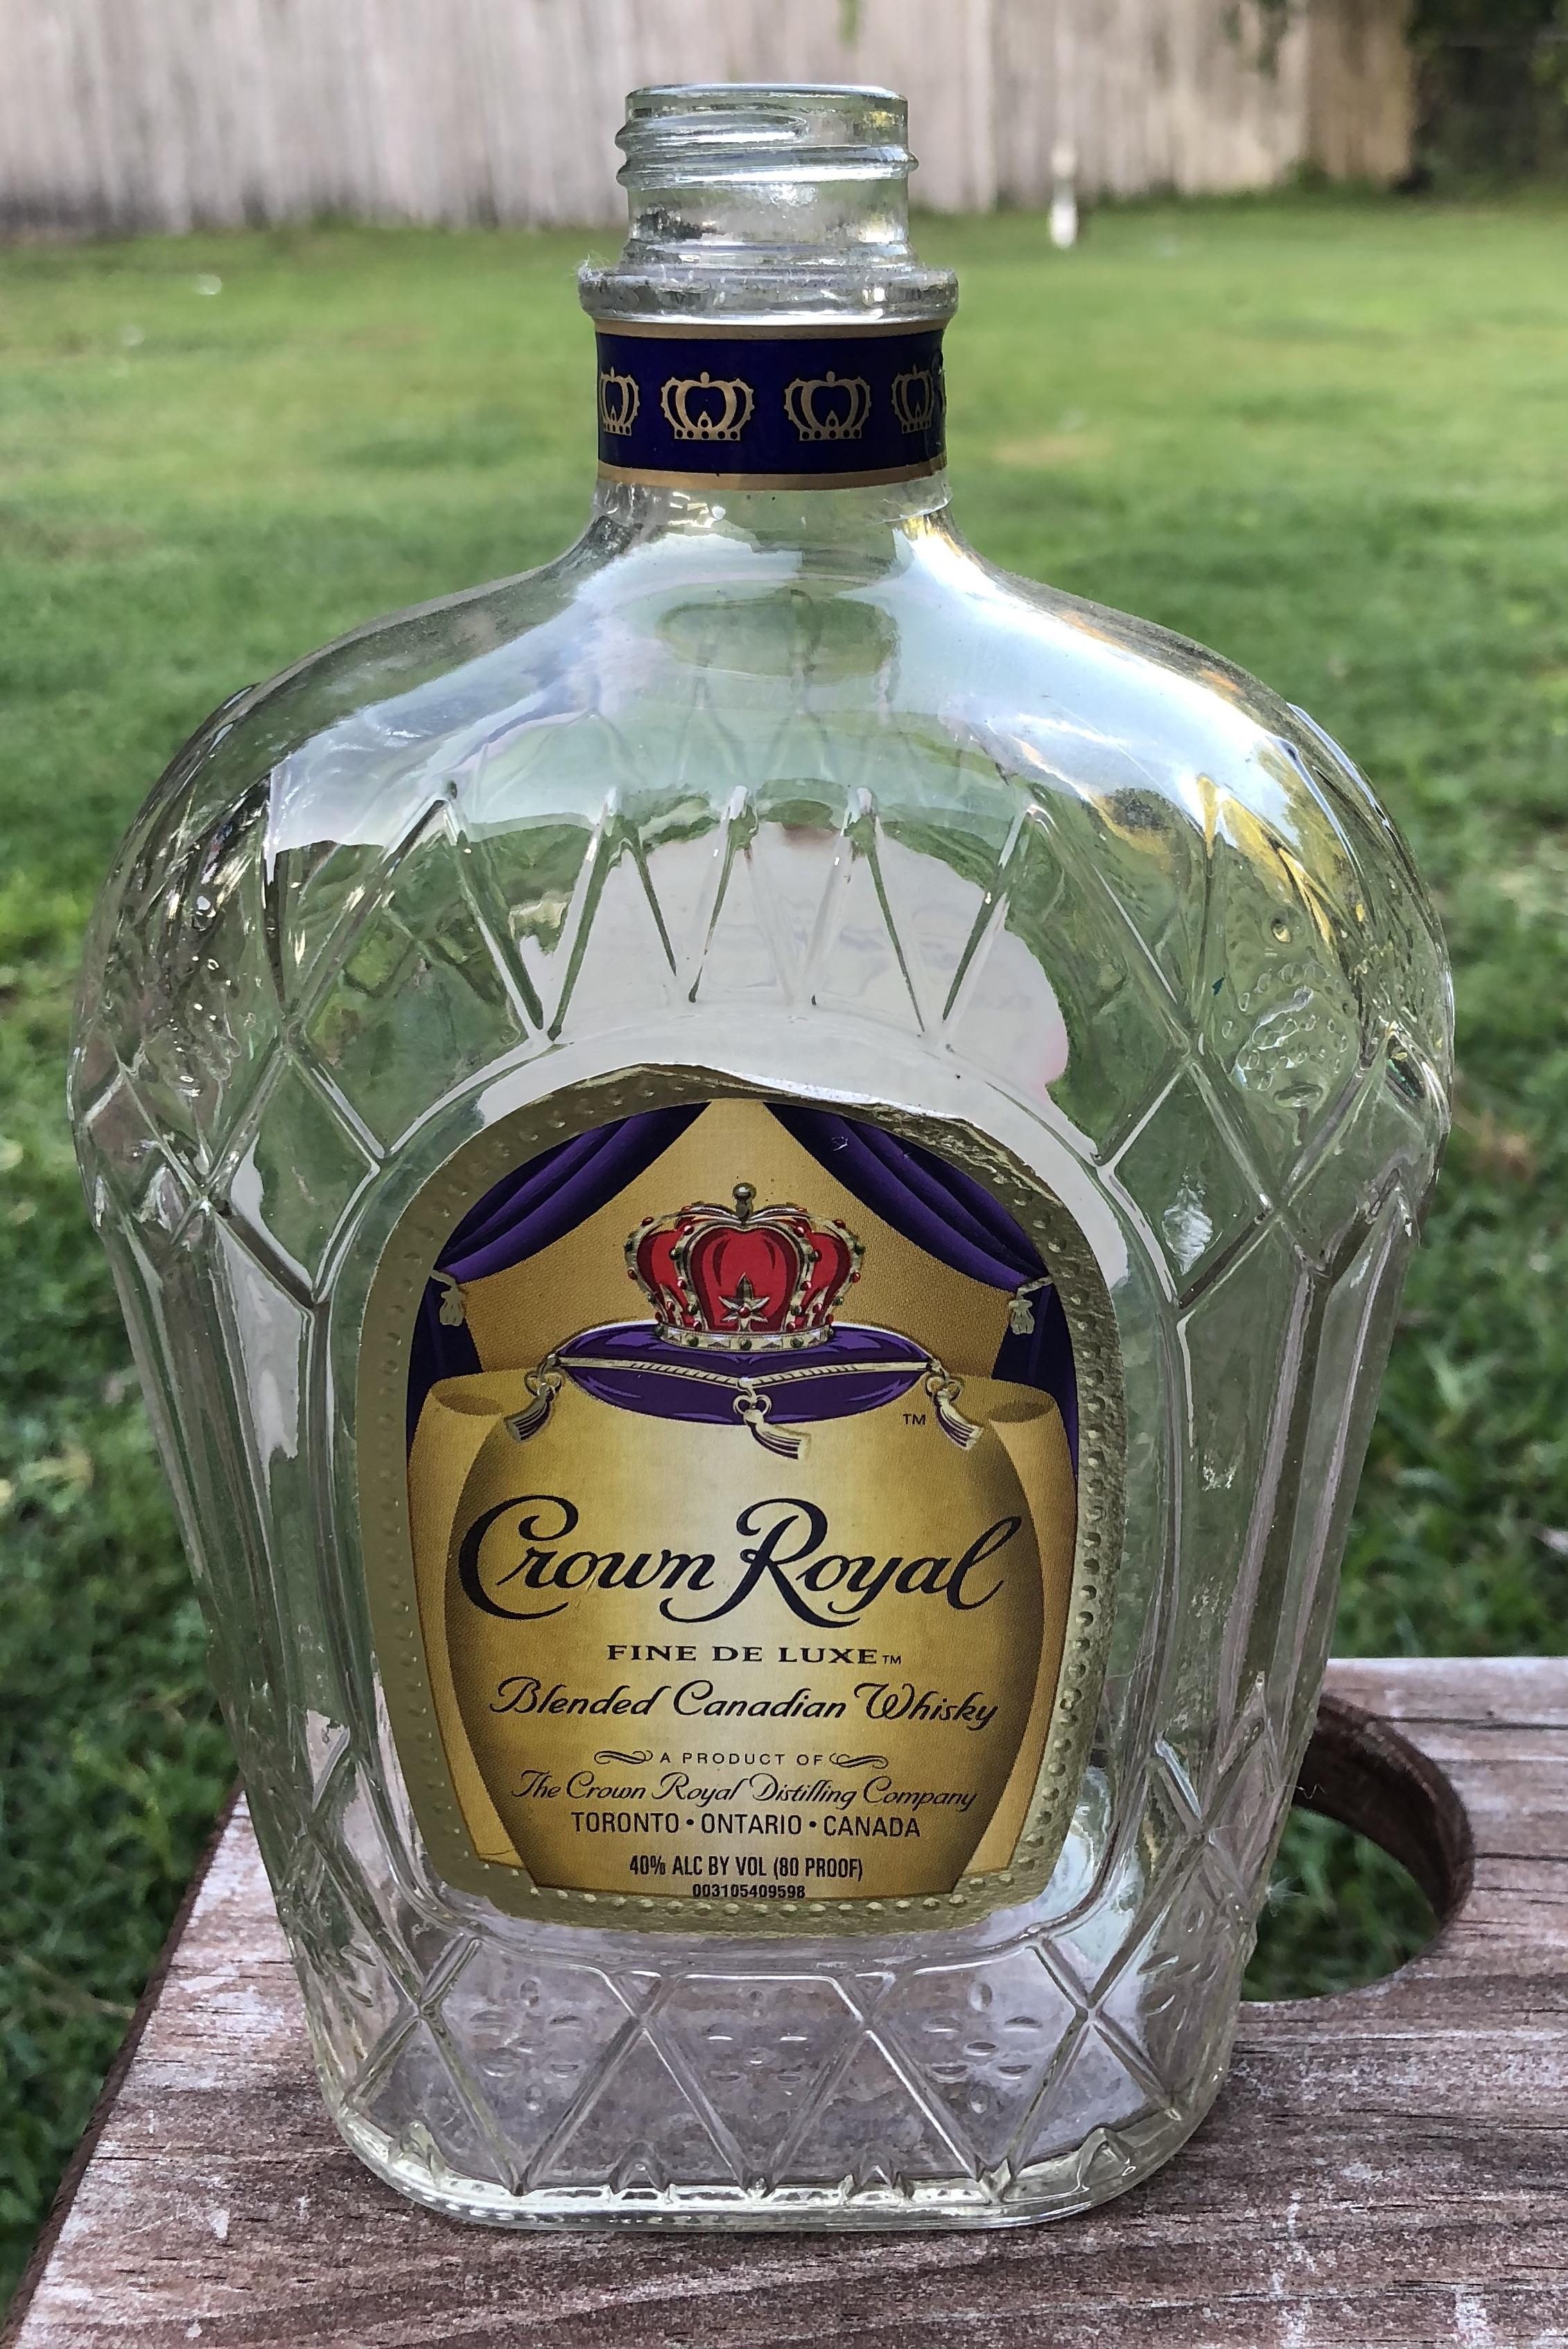 Crown Royal.jpg